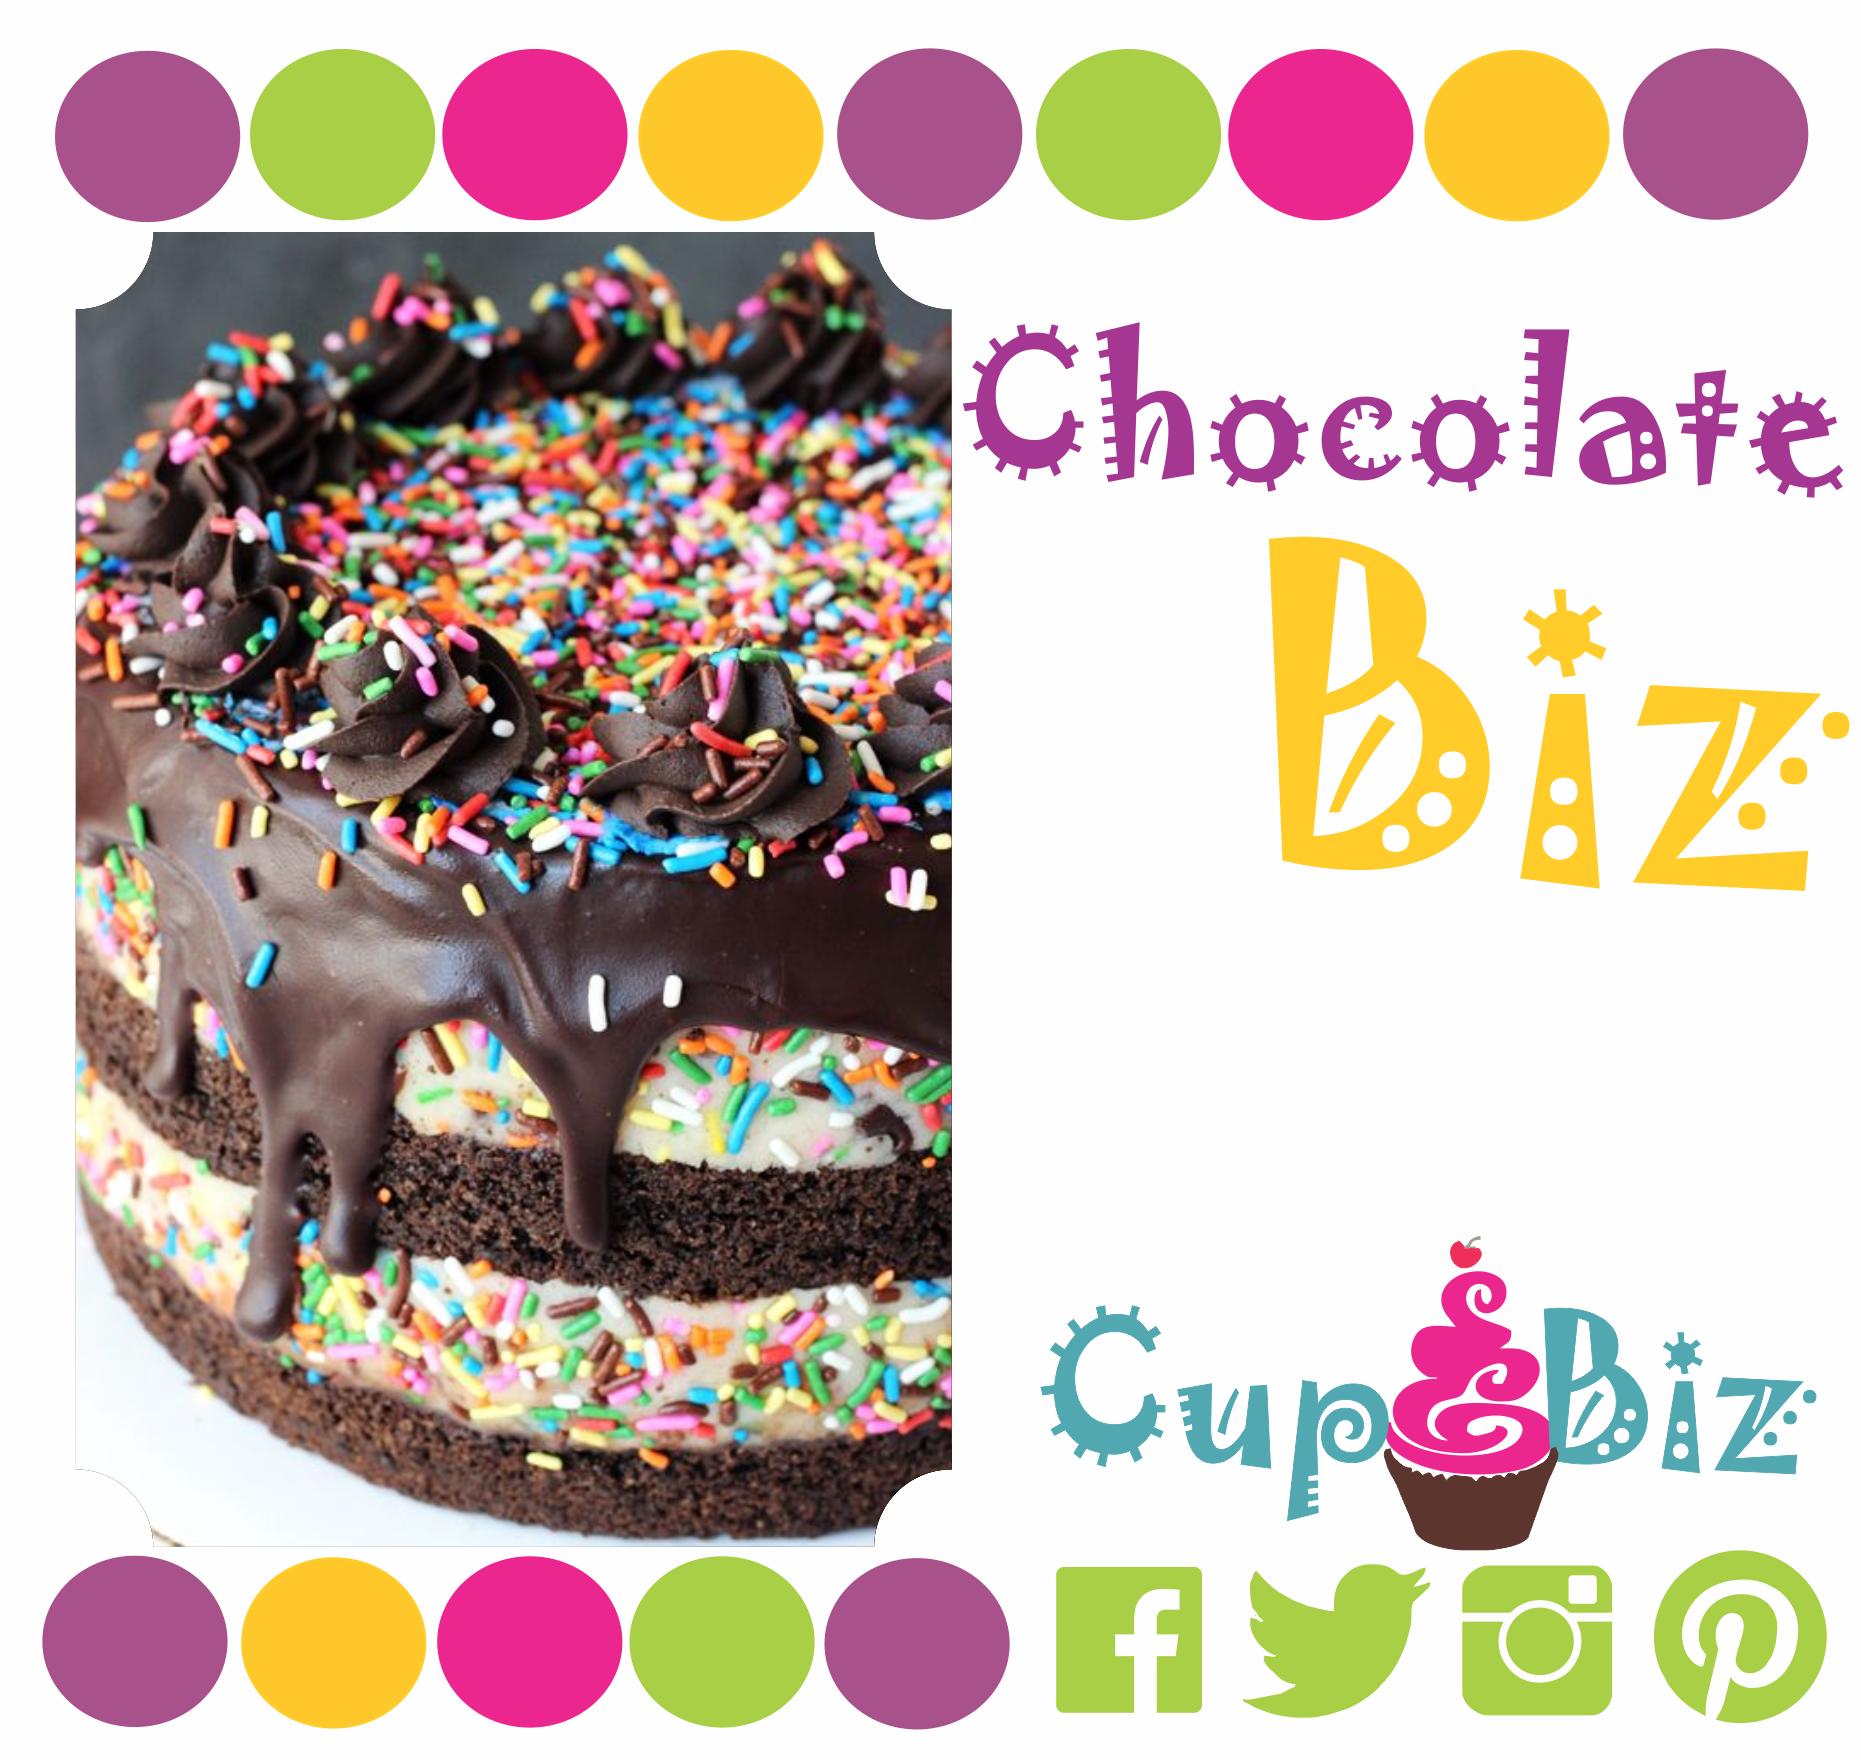 Chocolate Biz, sabroso ponque de chocolate, topping de merengue suizo y lluvias de colores | #CupBiz